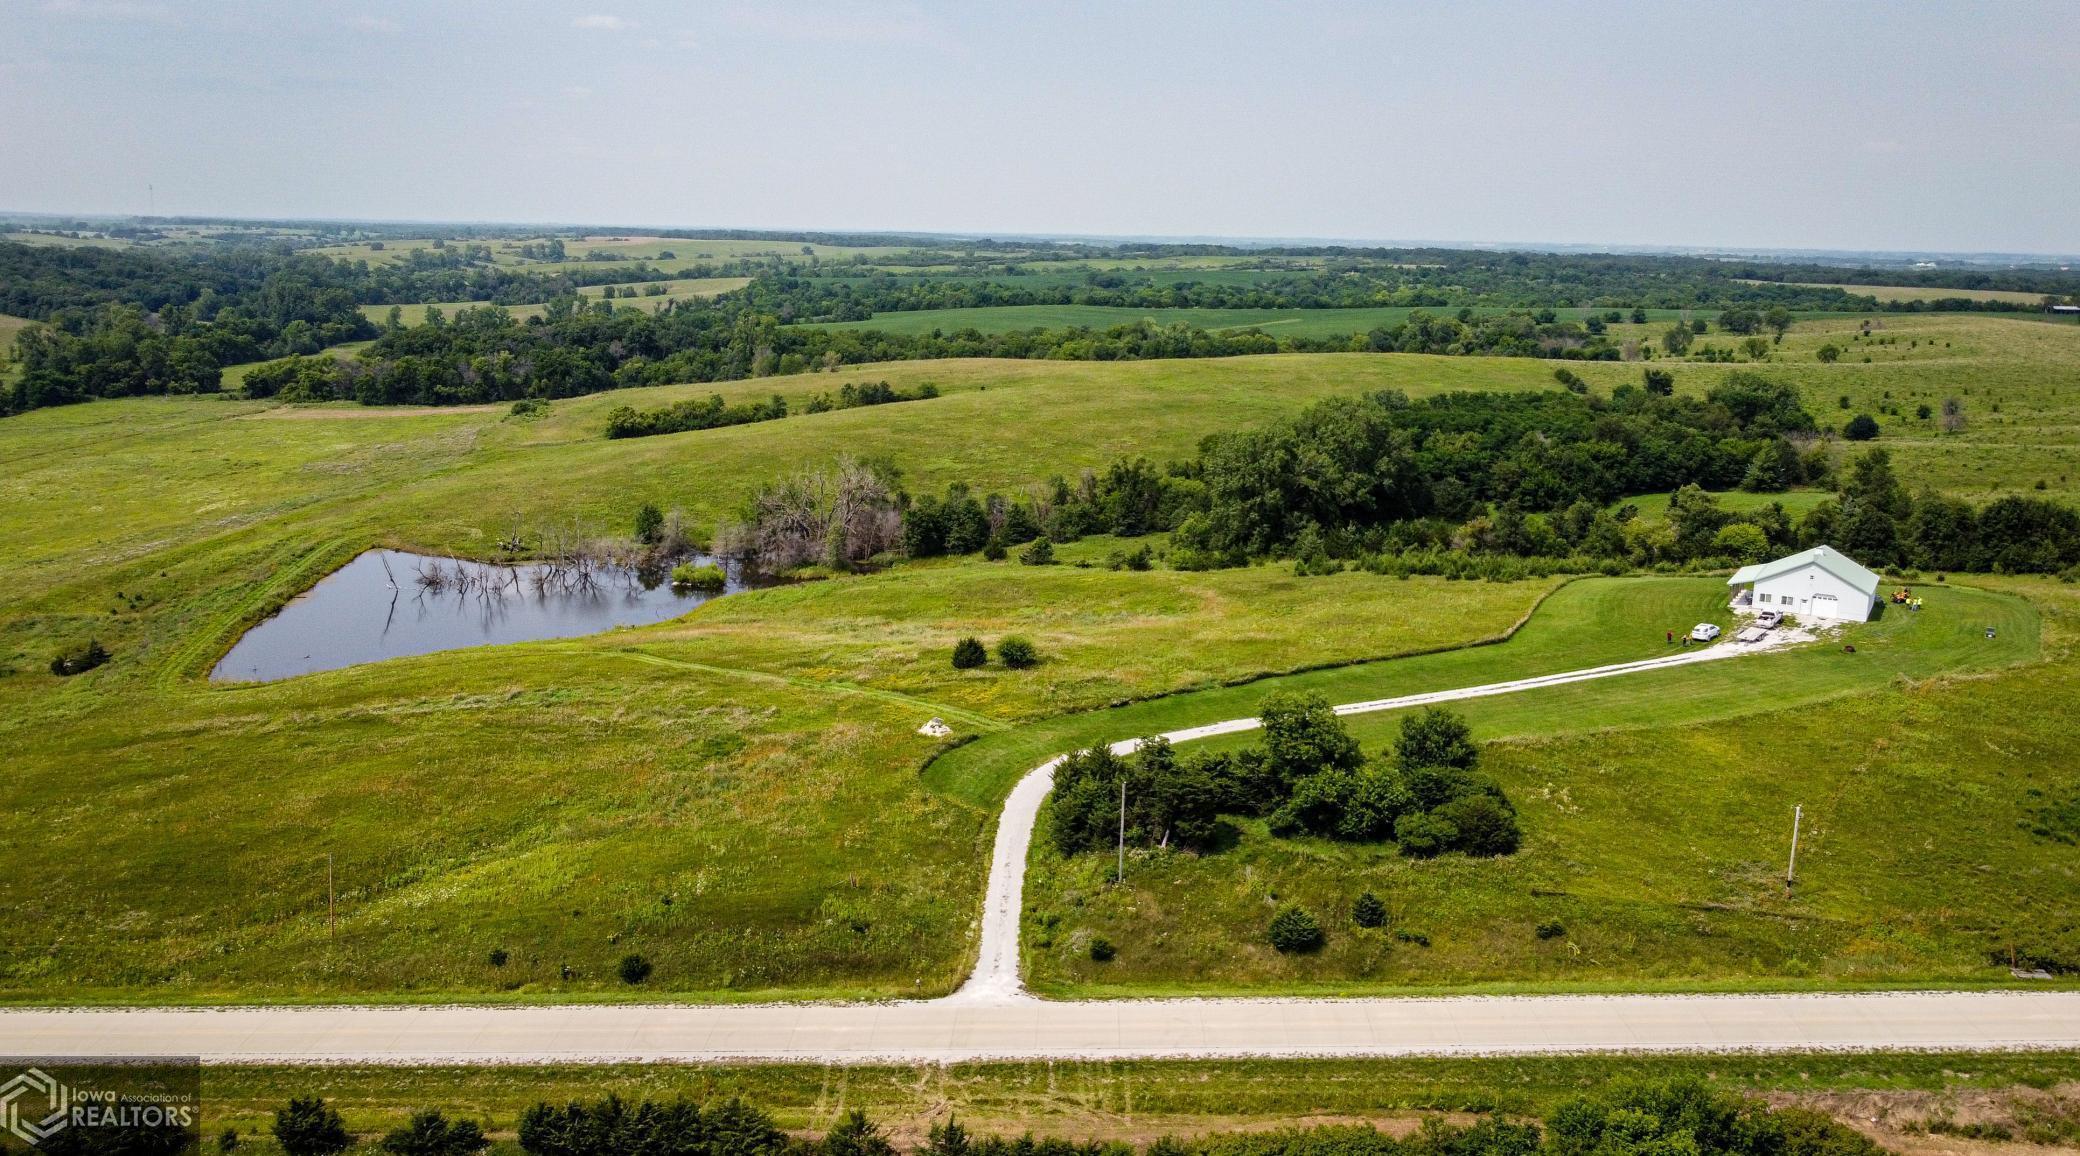 10756 County Highway J20, IA